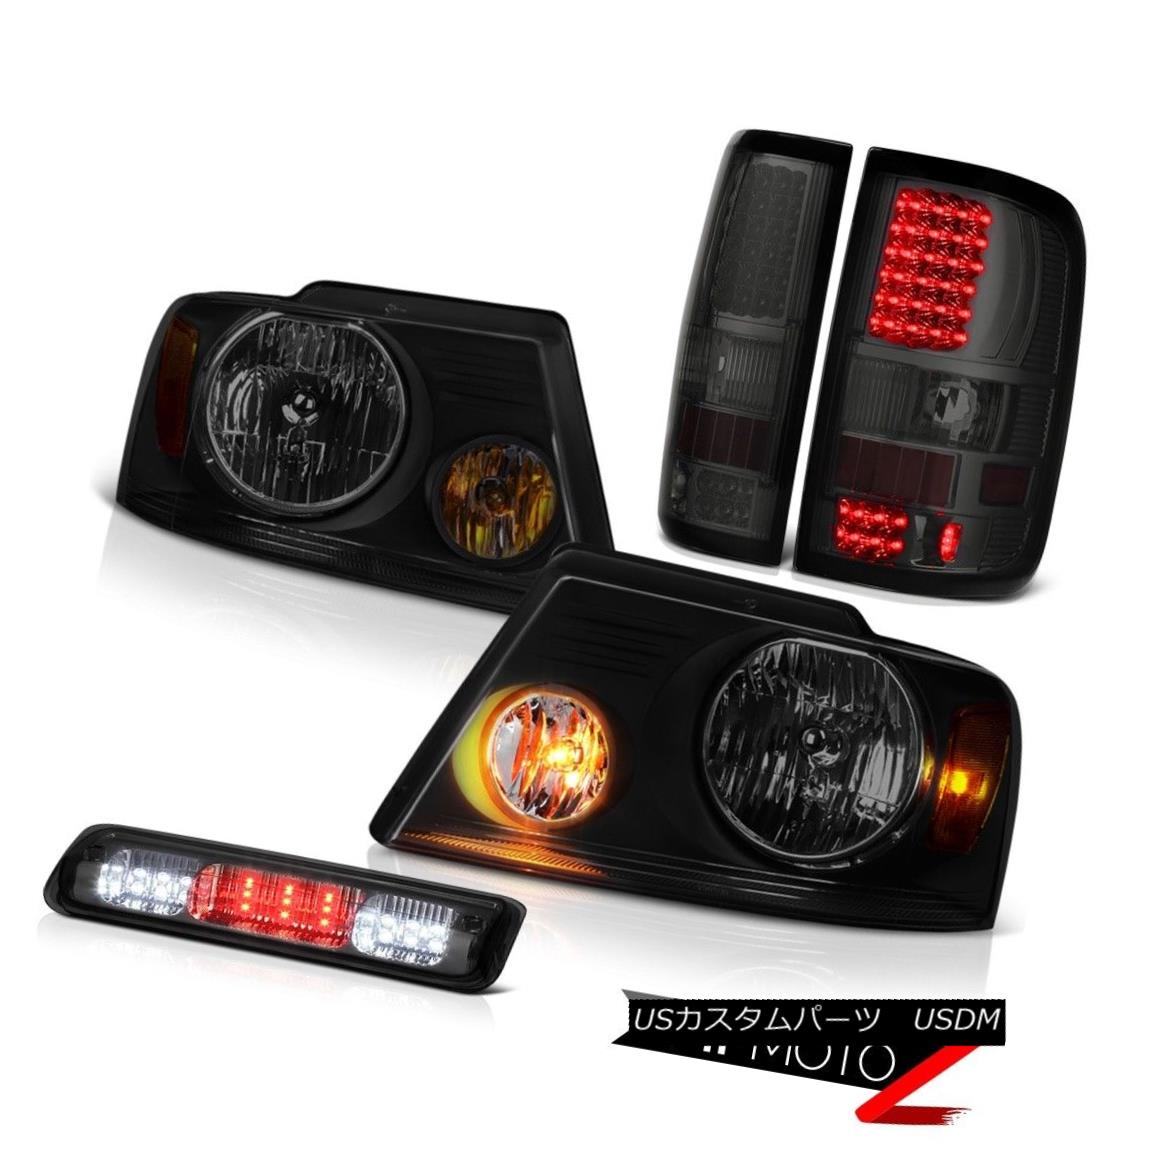 テールライト 04-08 Ford F150 STX High Stop Light Headlamps Tail Lights LED OE Style Assembly 04-08 Ford F150 STXハイストップライトヘッドランプテールライトLED OEスタイルアセンブリ